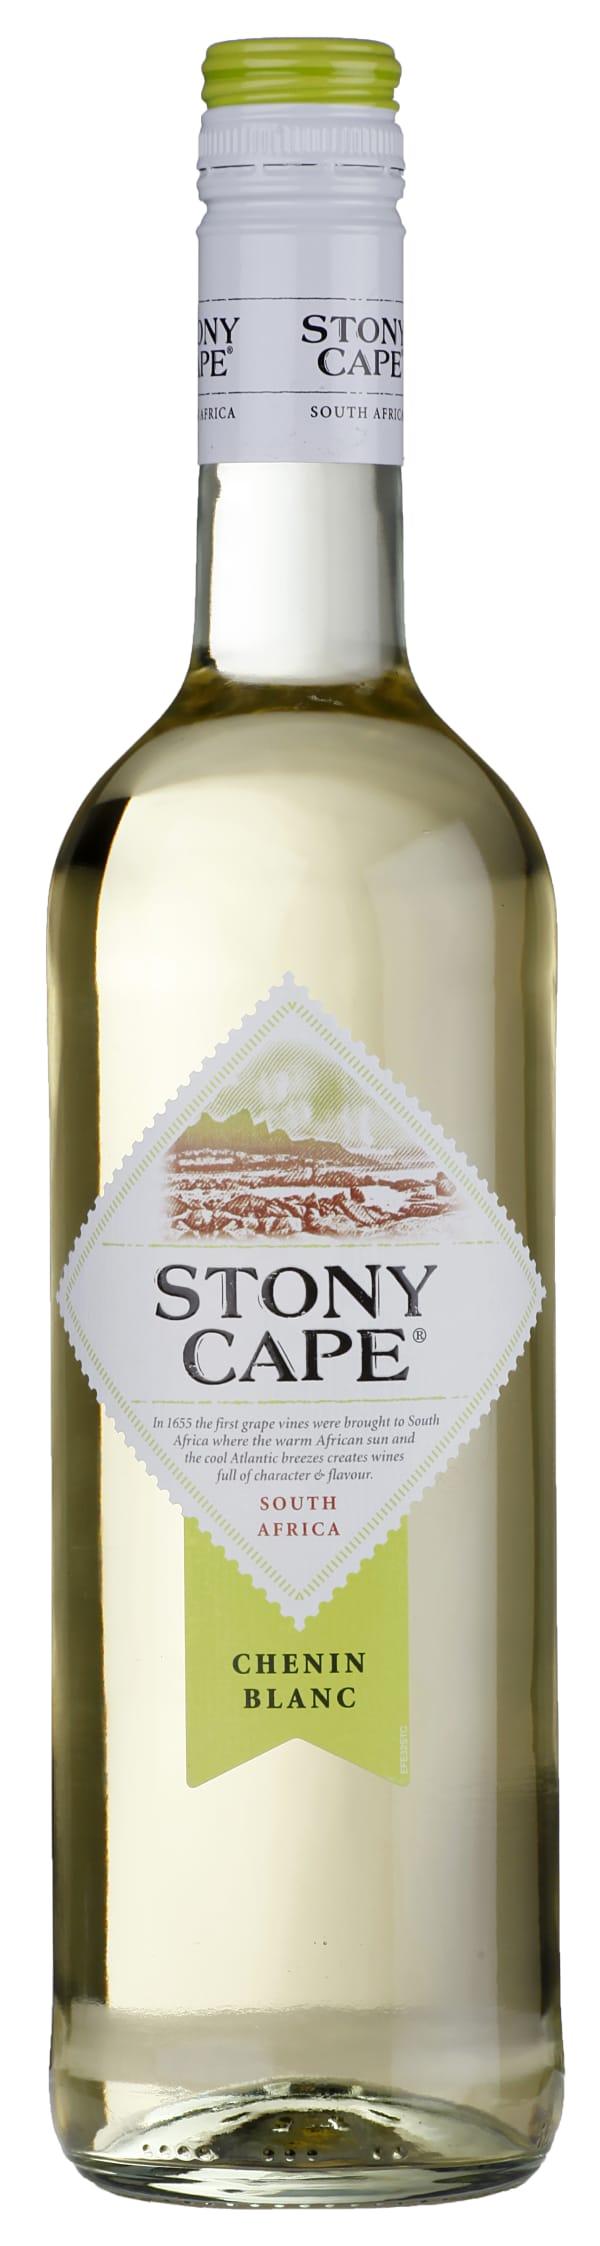 Stony Cape Chenin Blanc 2017